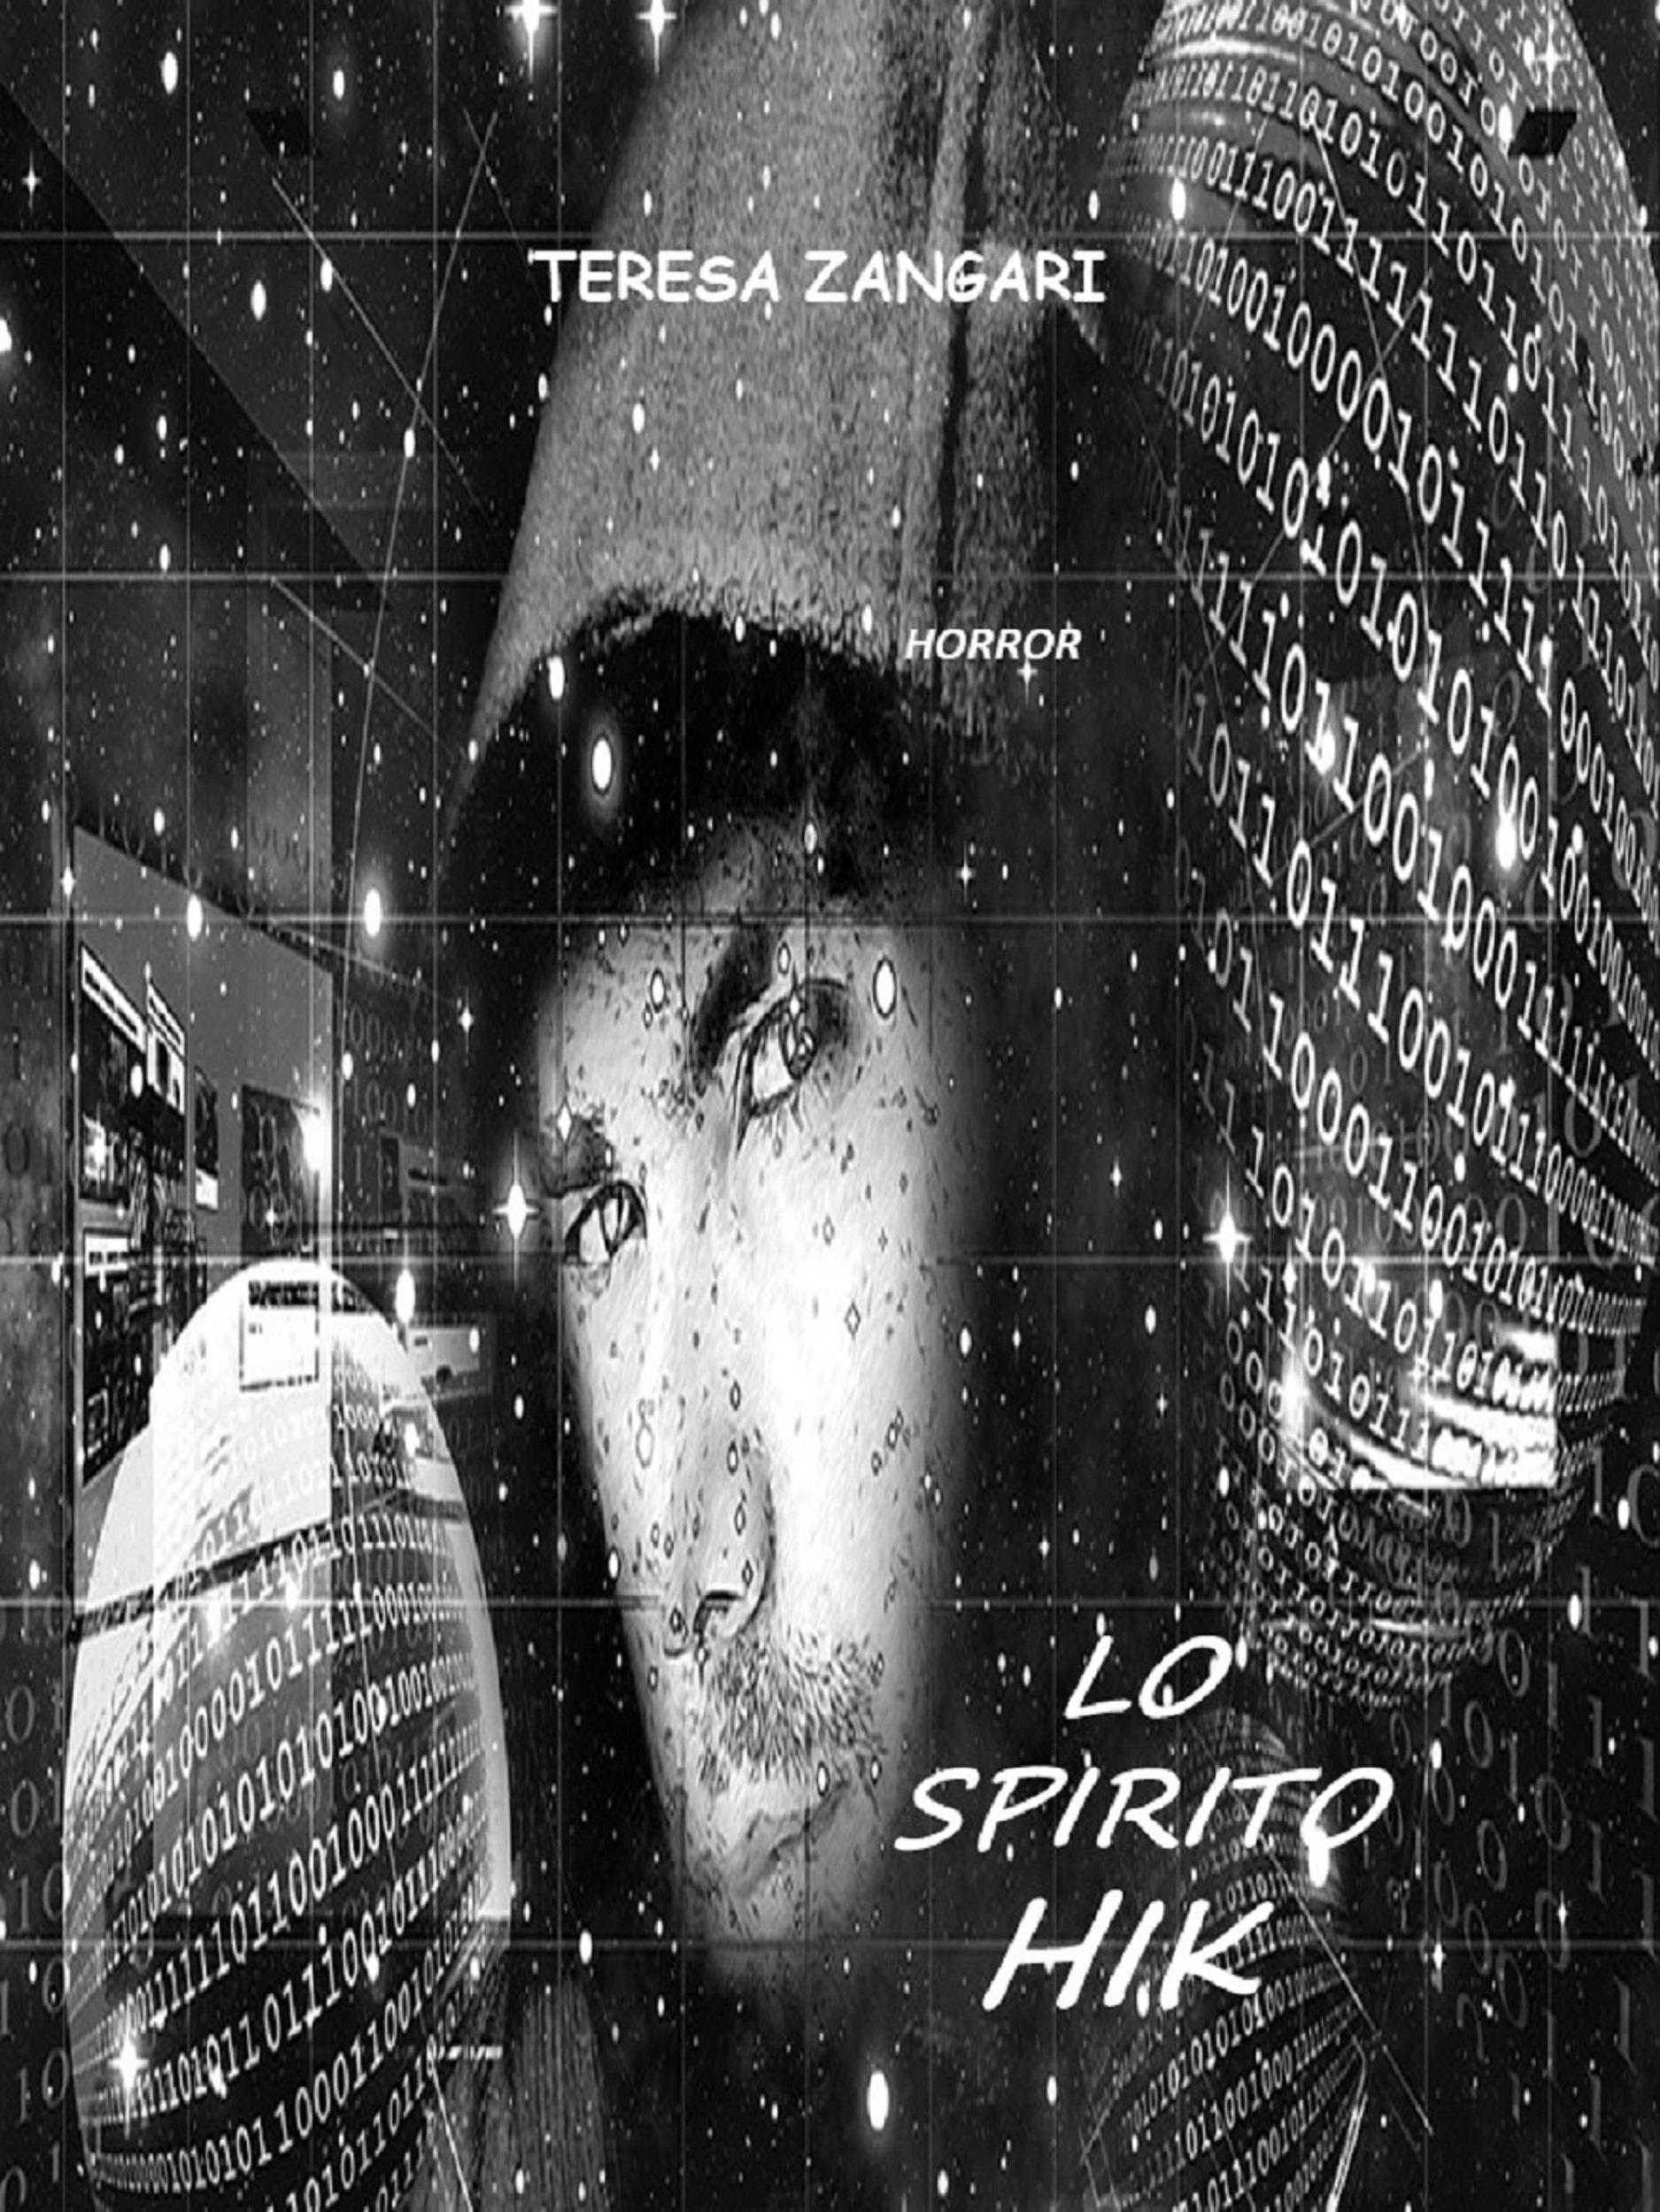 Lo spirito Hik